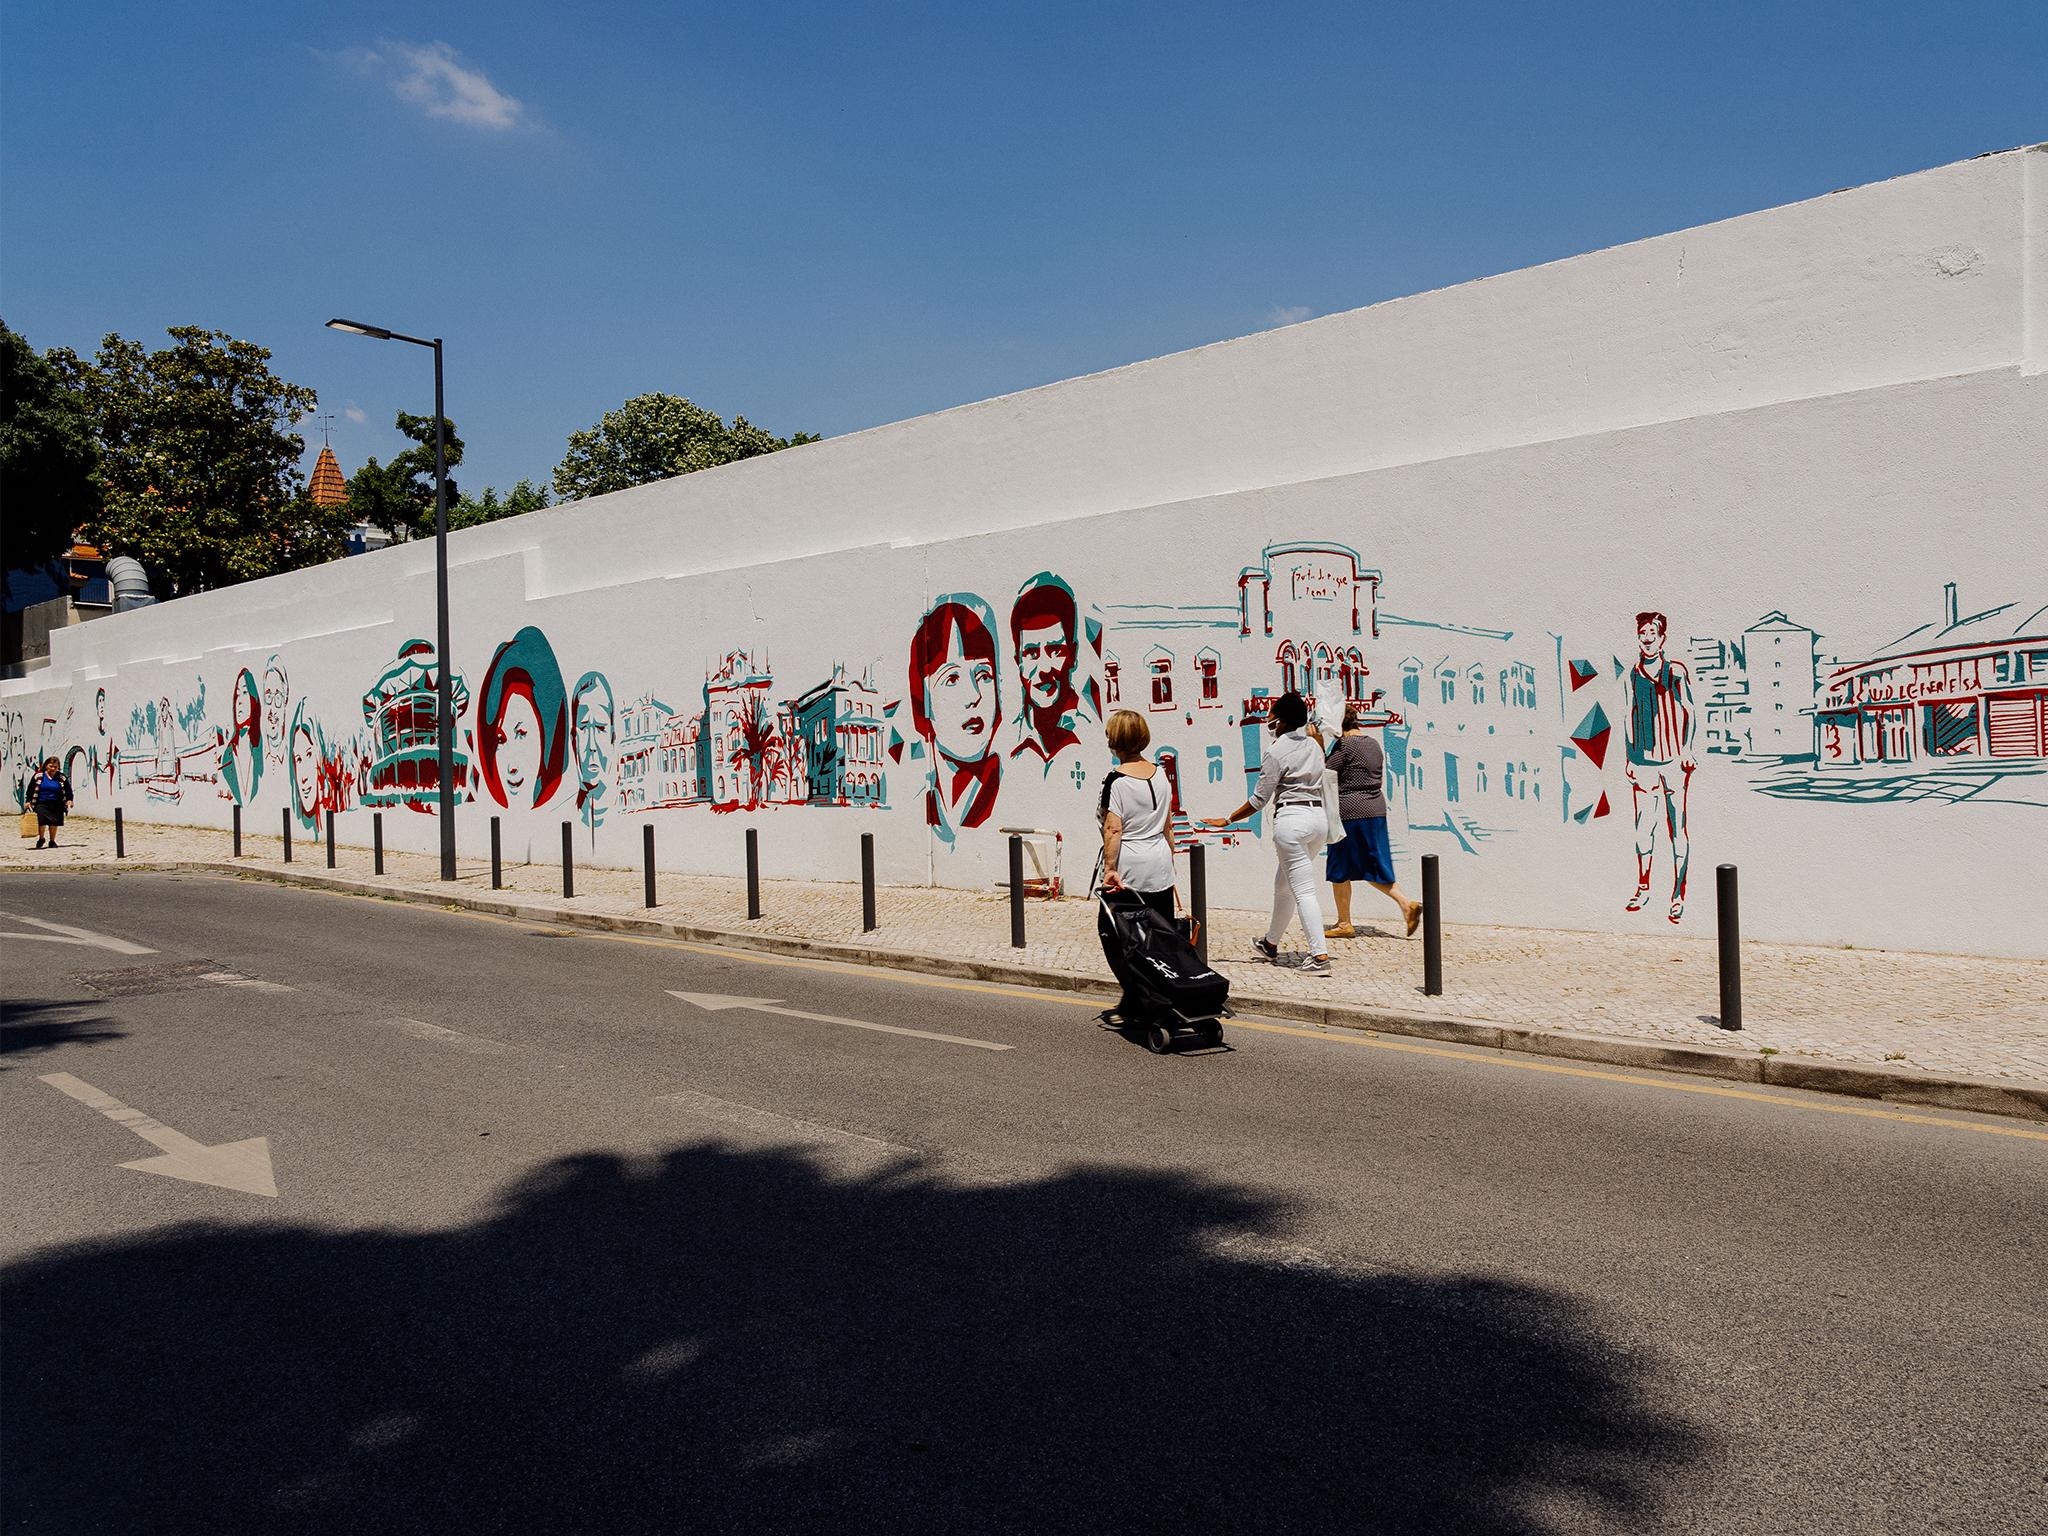 Arte Urbana, Tomás Reis, Edis One e Pariz One, Rua das Garridas